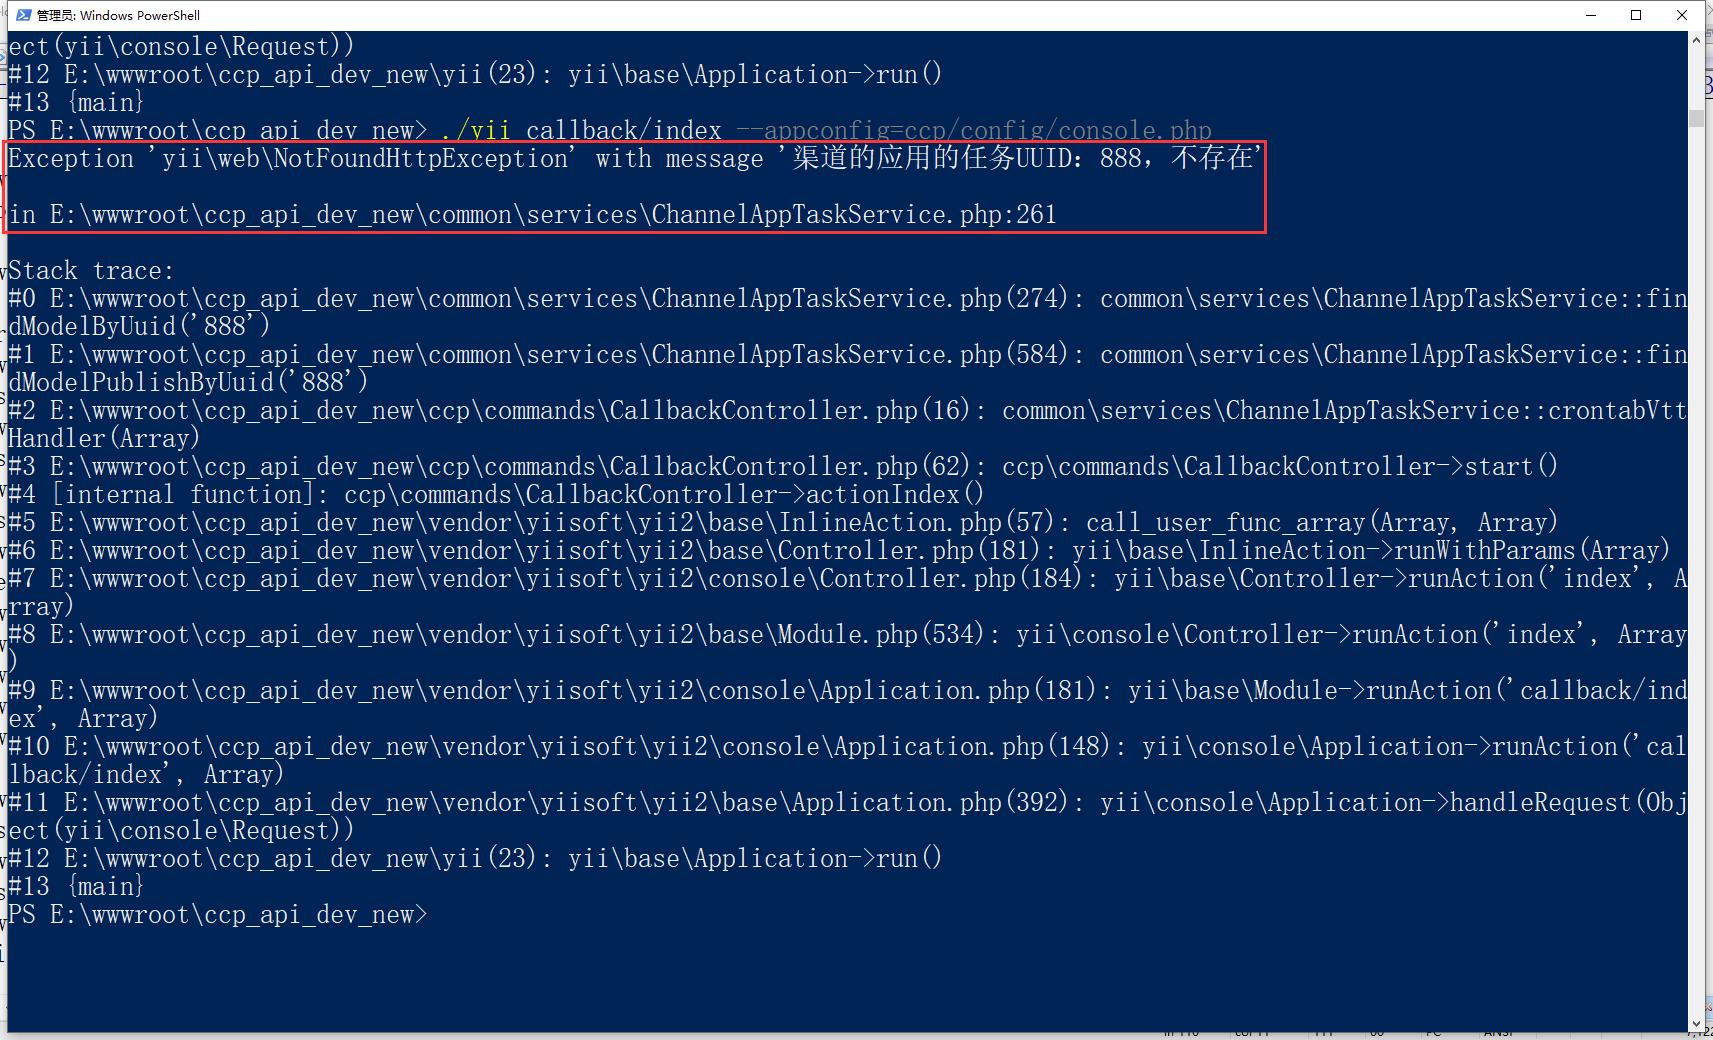 再次运行命令行,运行结果符合预期,未再报错。